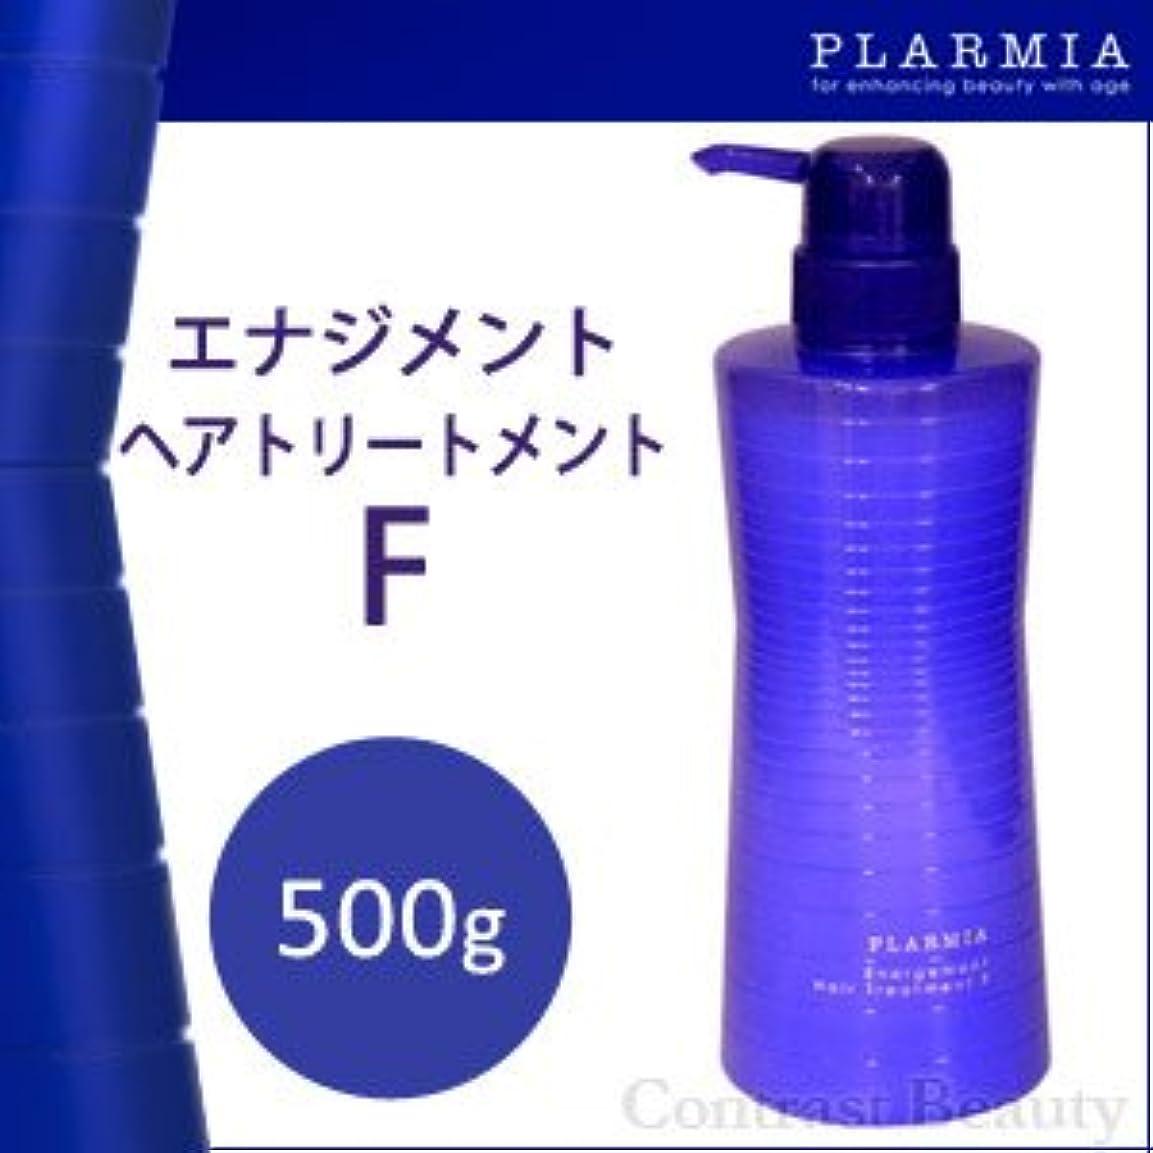 あなたのもの注ぎます貧しい【X3個セット】 ミルボン プラーミア エナジメントヘアトリートメントF 500g 【軟毛?ふんわりさせたい用】 Milbon PLARMIA